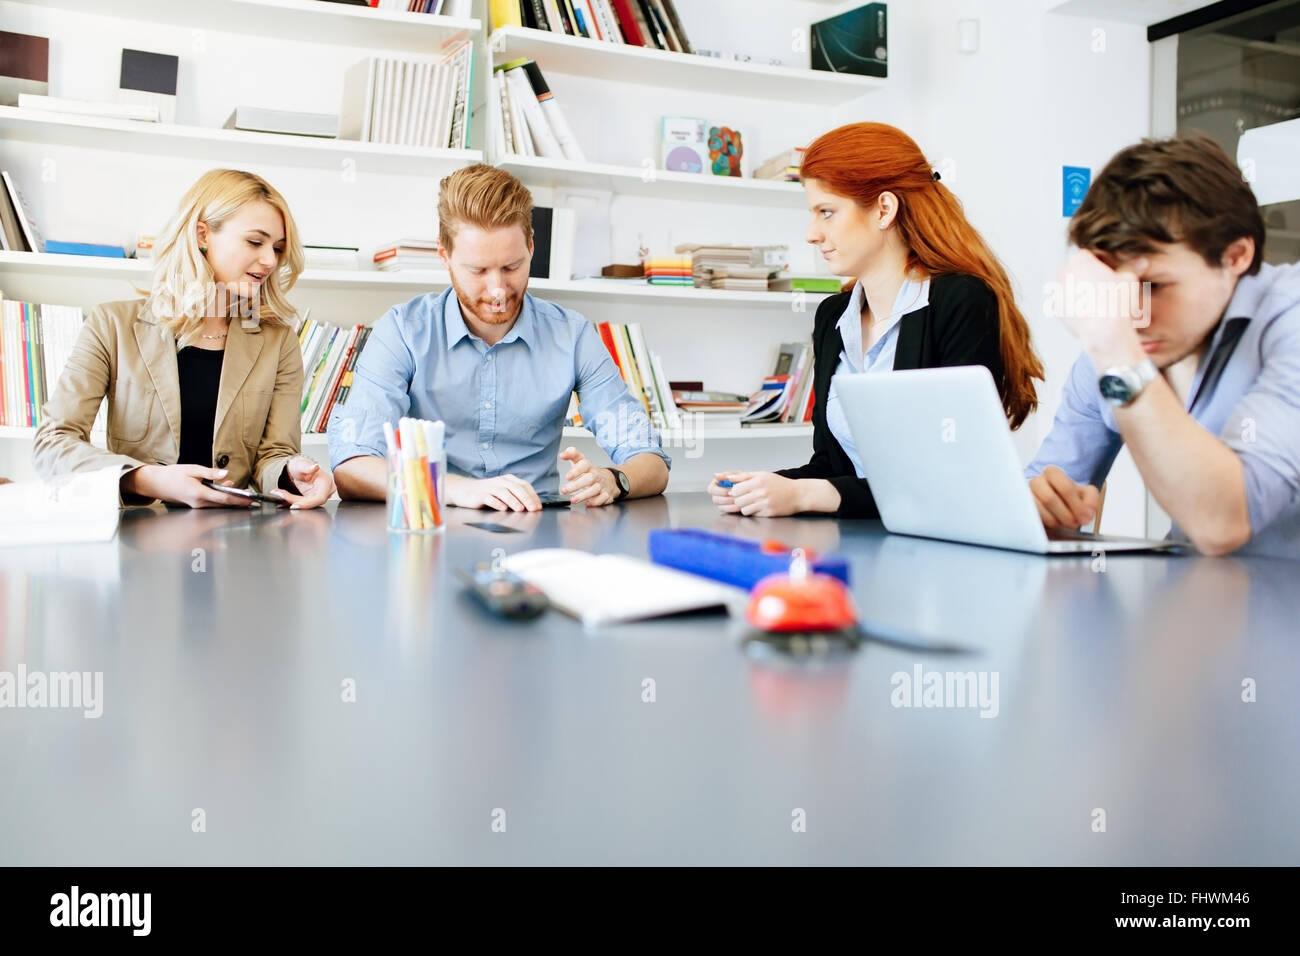 El estilo de vida de los empresarios de oficina moderna Imagen De Stock